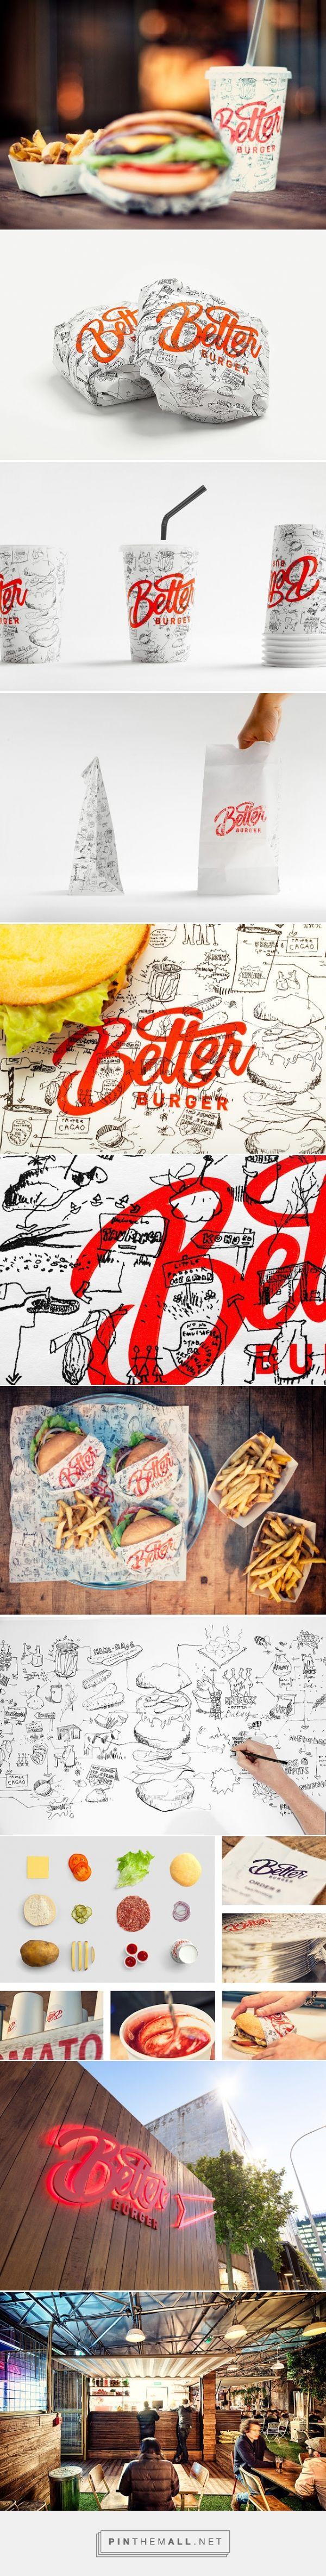 Better #Burger #fastfood #packaging designed by 485 Design - http://www.packagingoftheworld.com/2015/06/better-burger.html